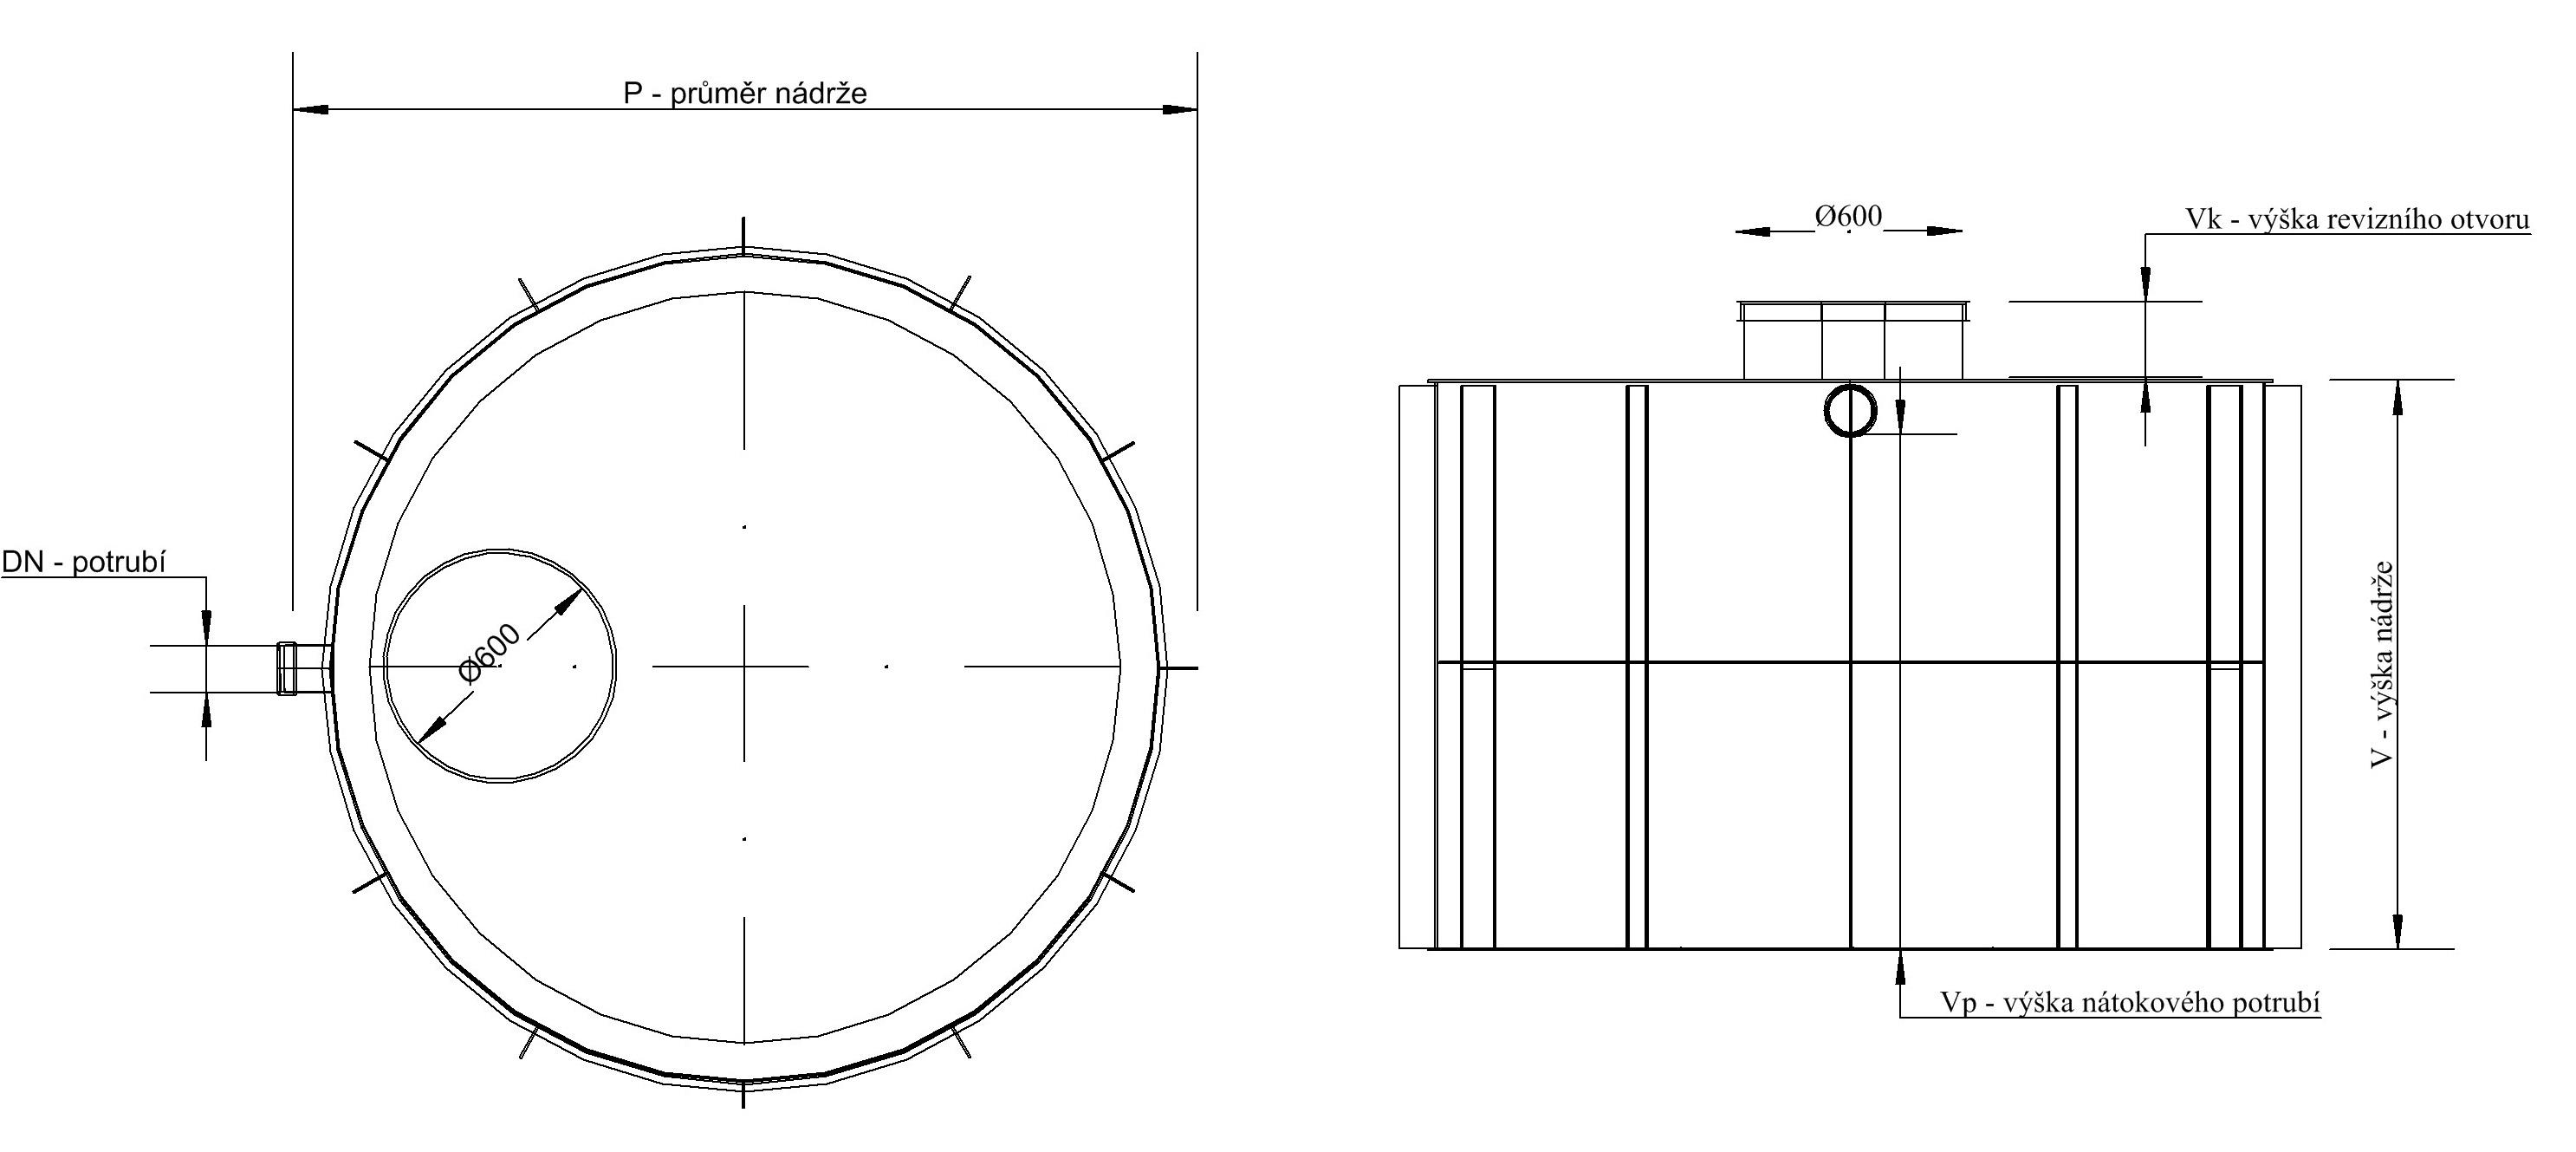 technický nákresy jímka kruhová k obetonování